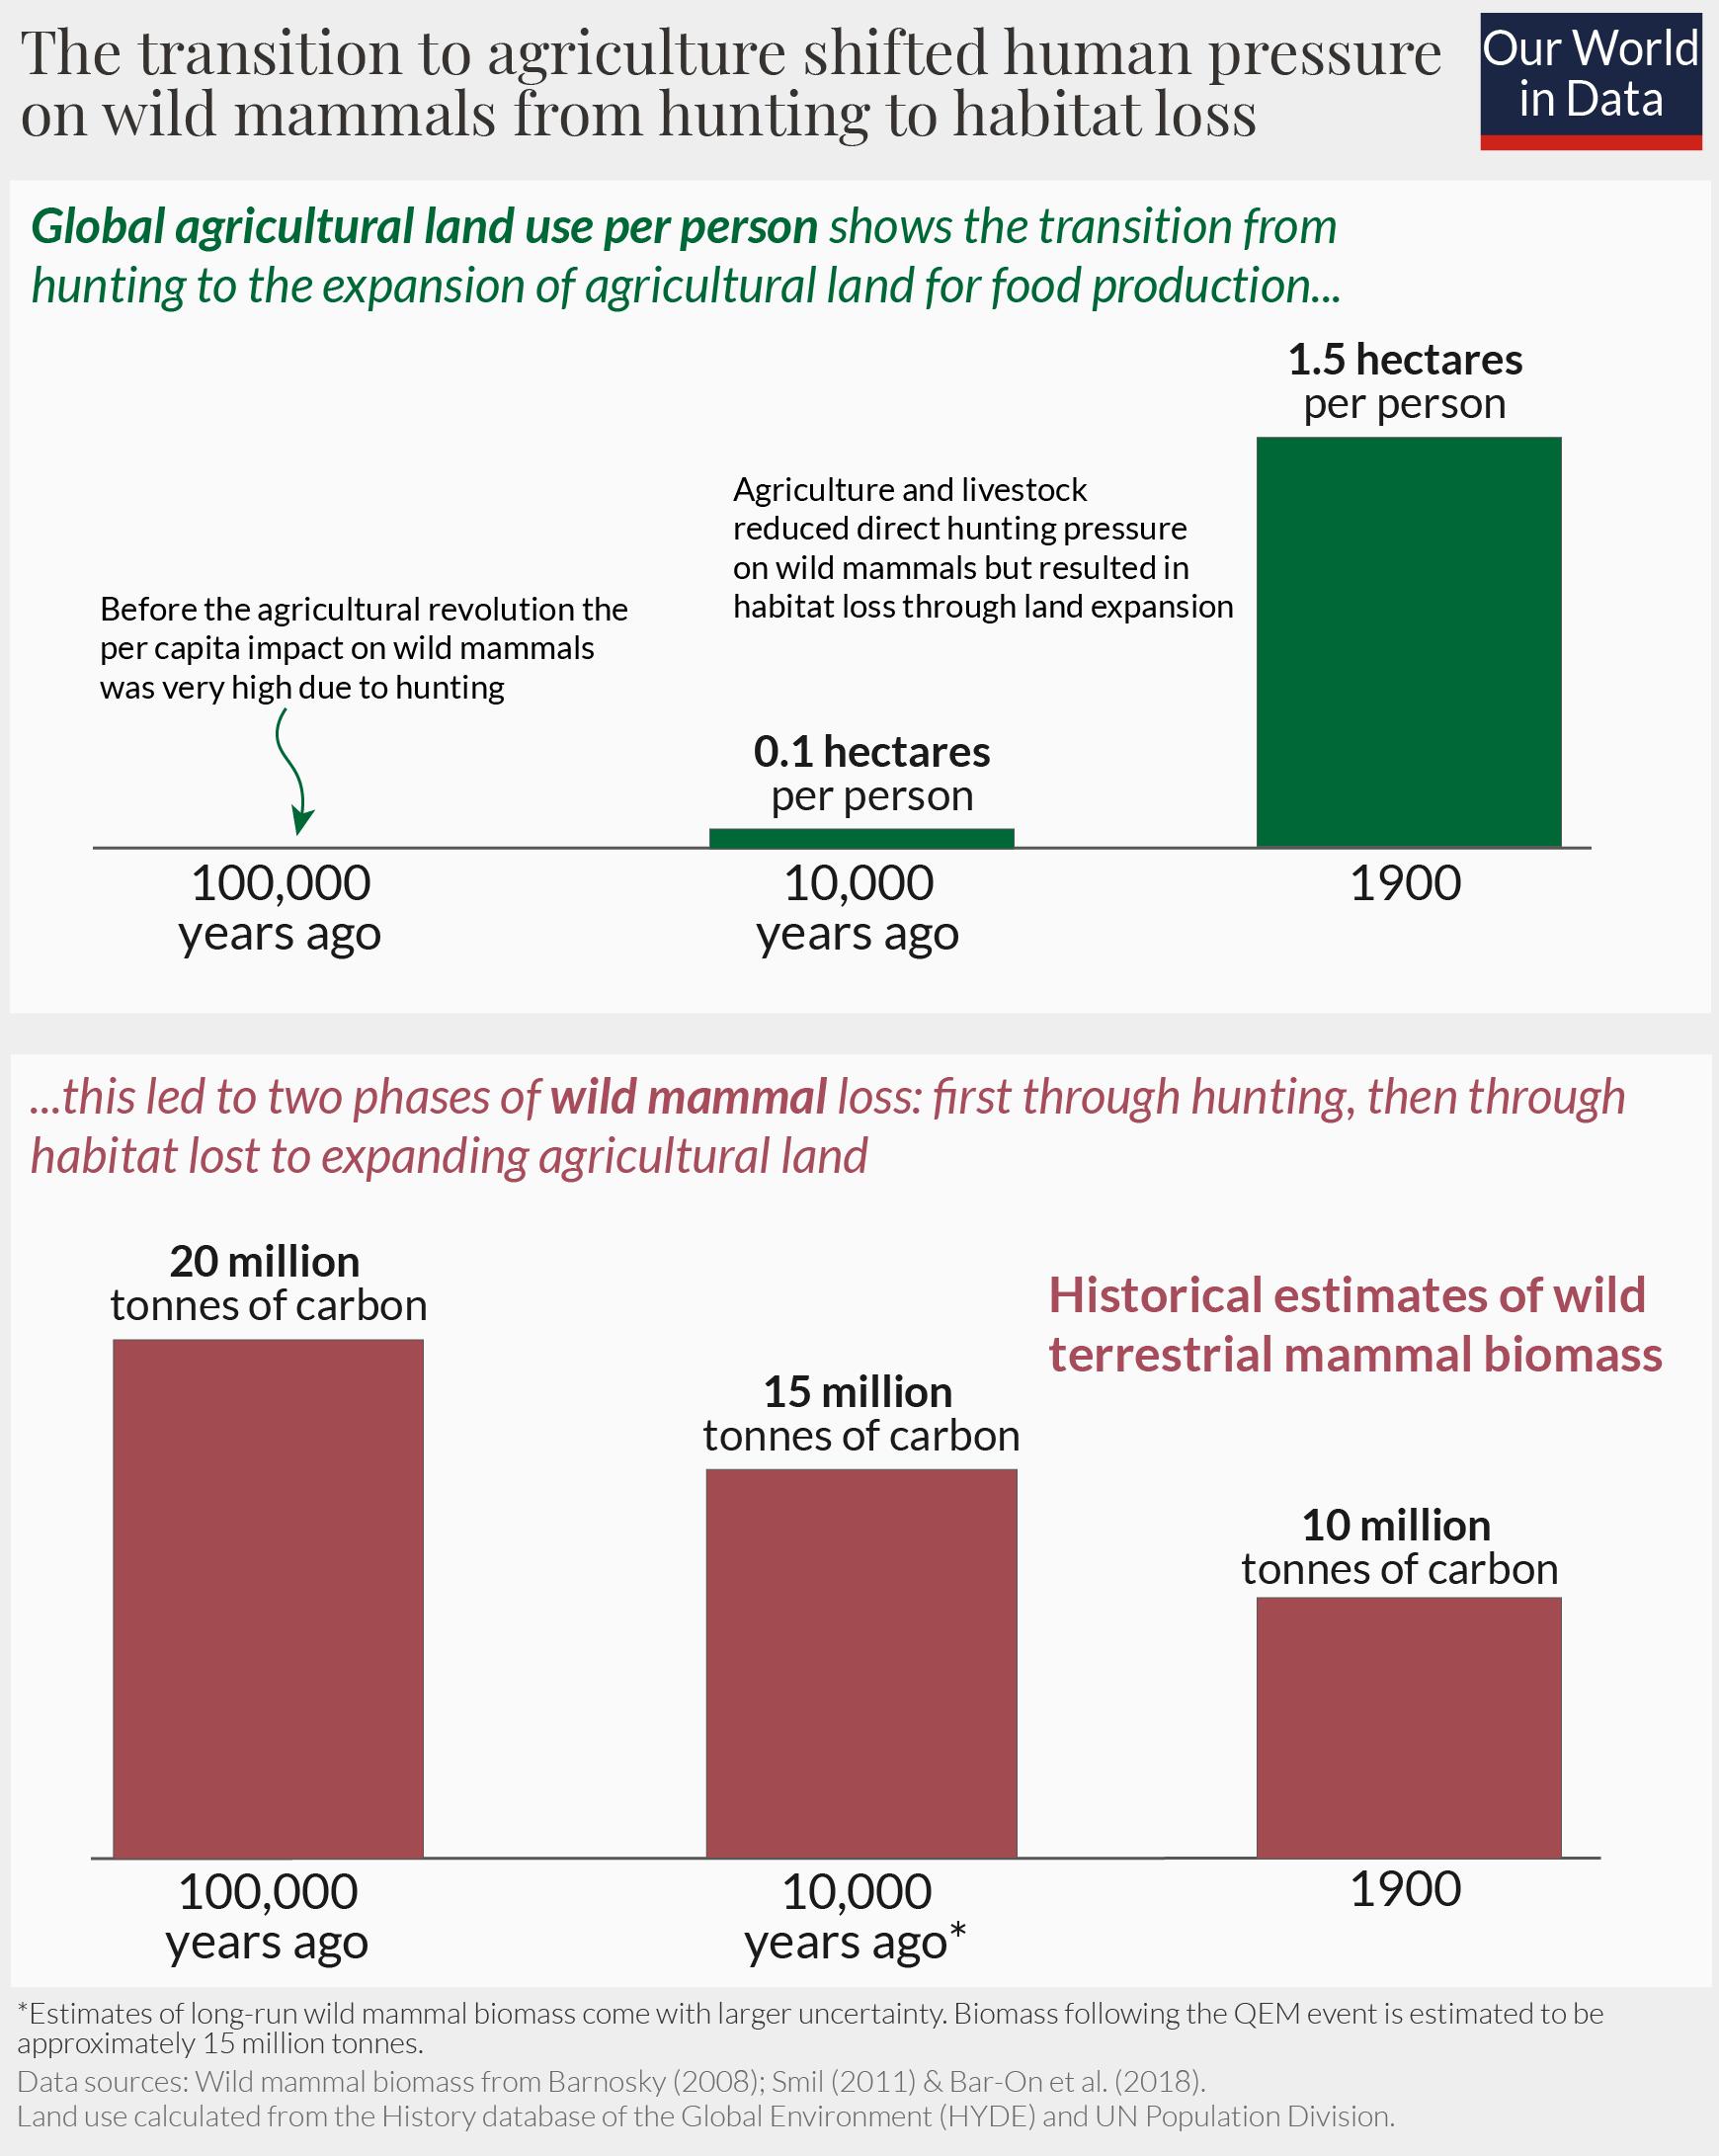 un gráfico que muestra cómo la transición a la agricultura afectó a libestock